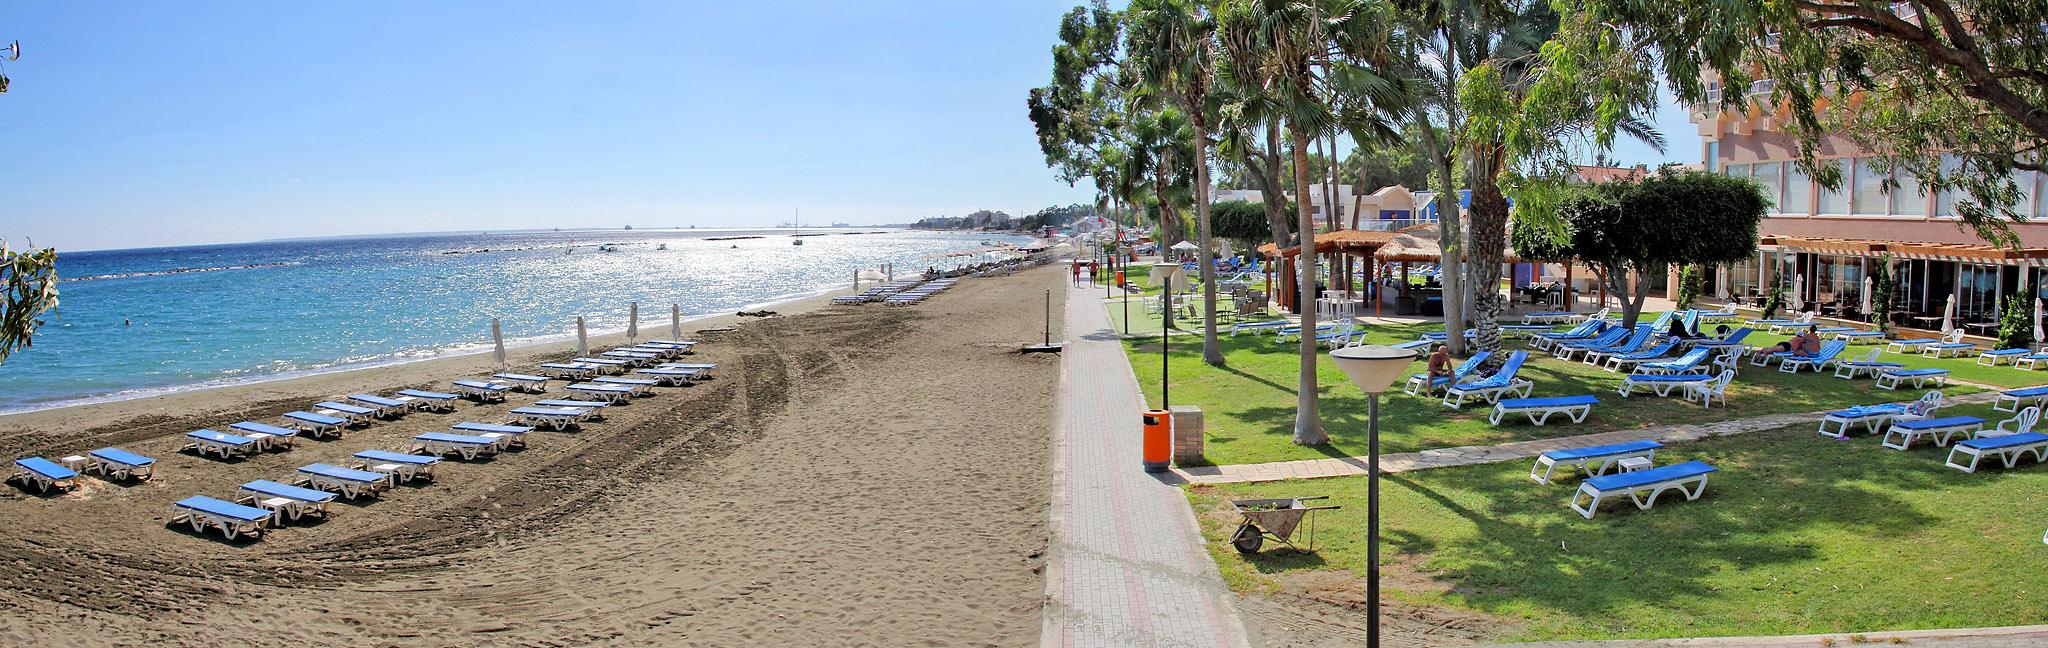 Пляж отеля Poseidonia